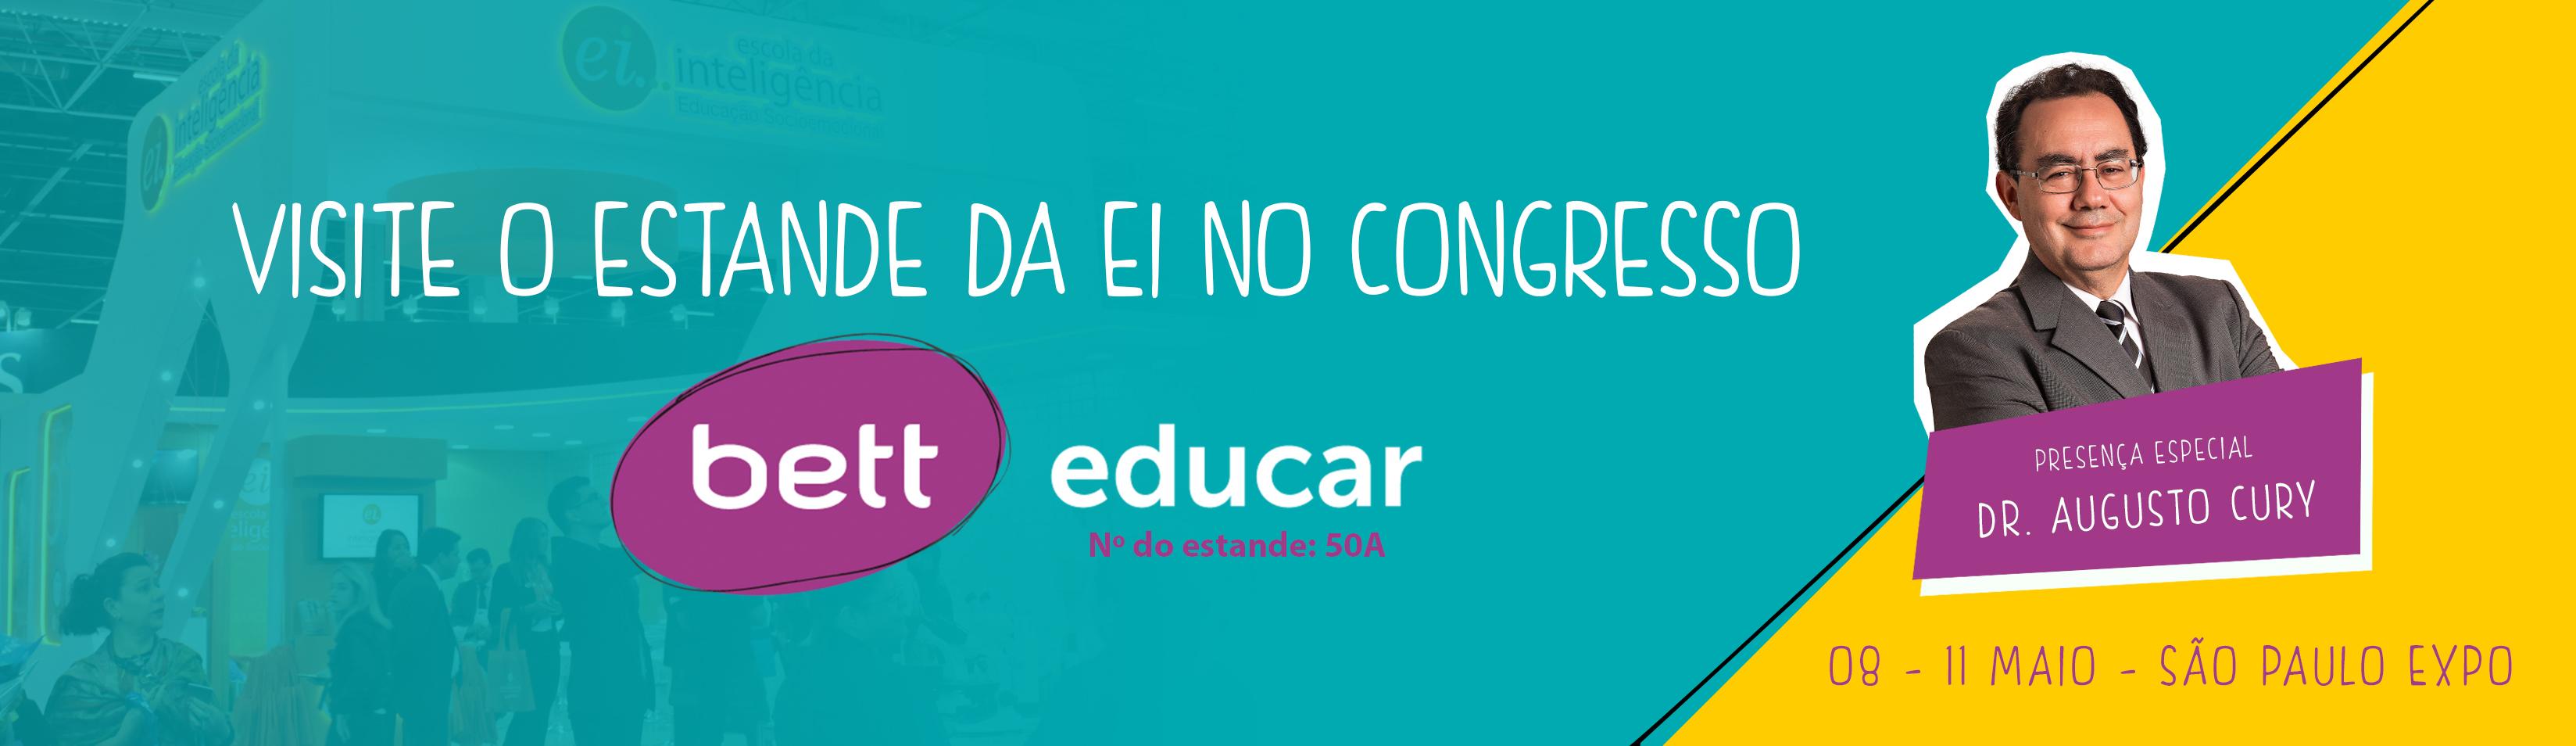 webbanner_791x229px_educar2018